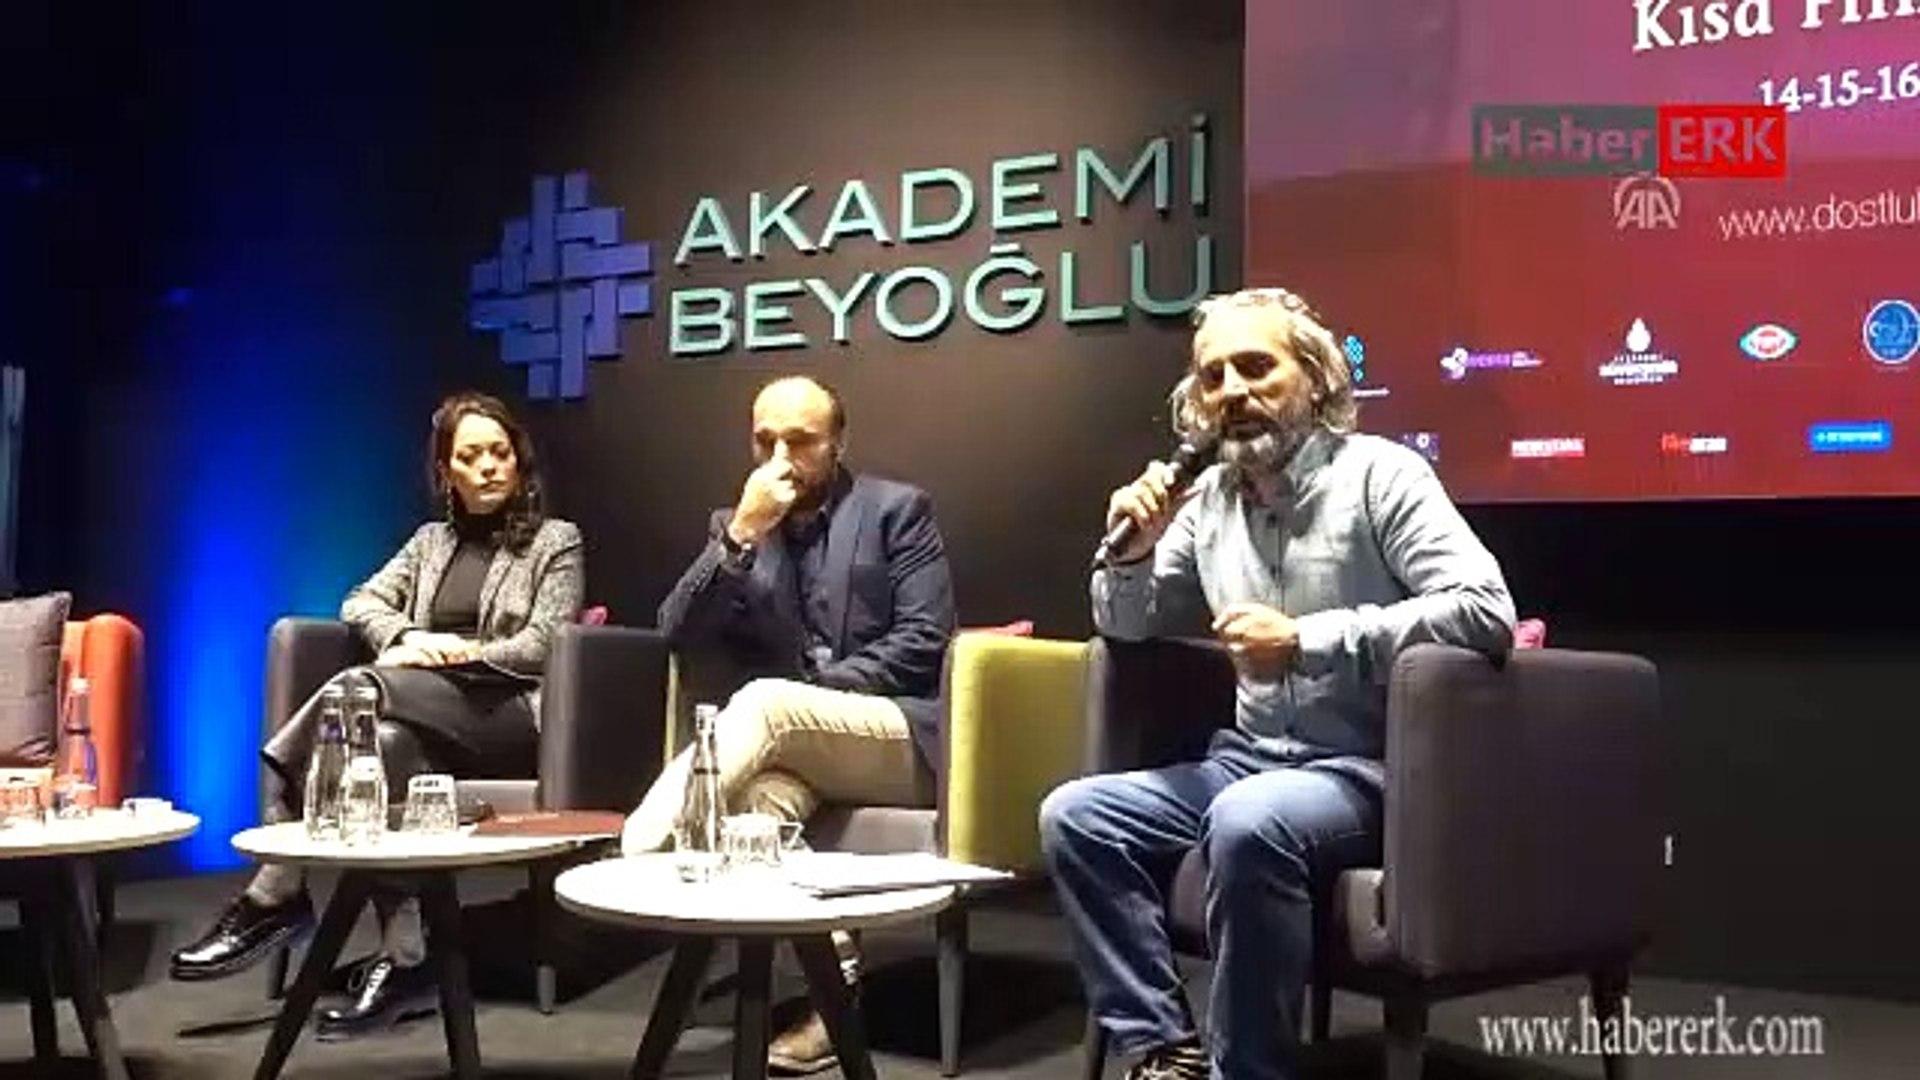 Uluslararası Dostluk Kısa Film Festivali sona erdi